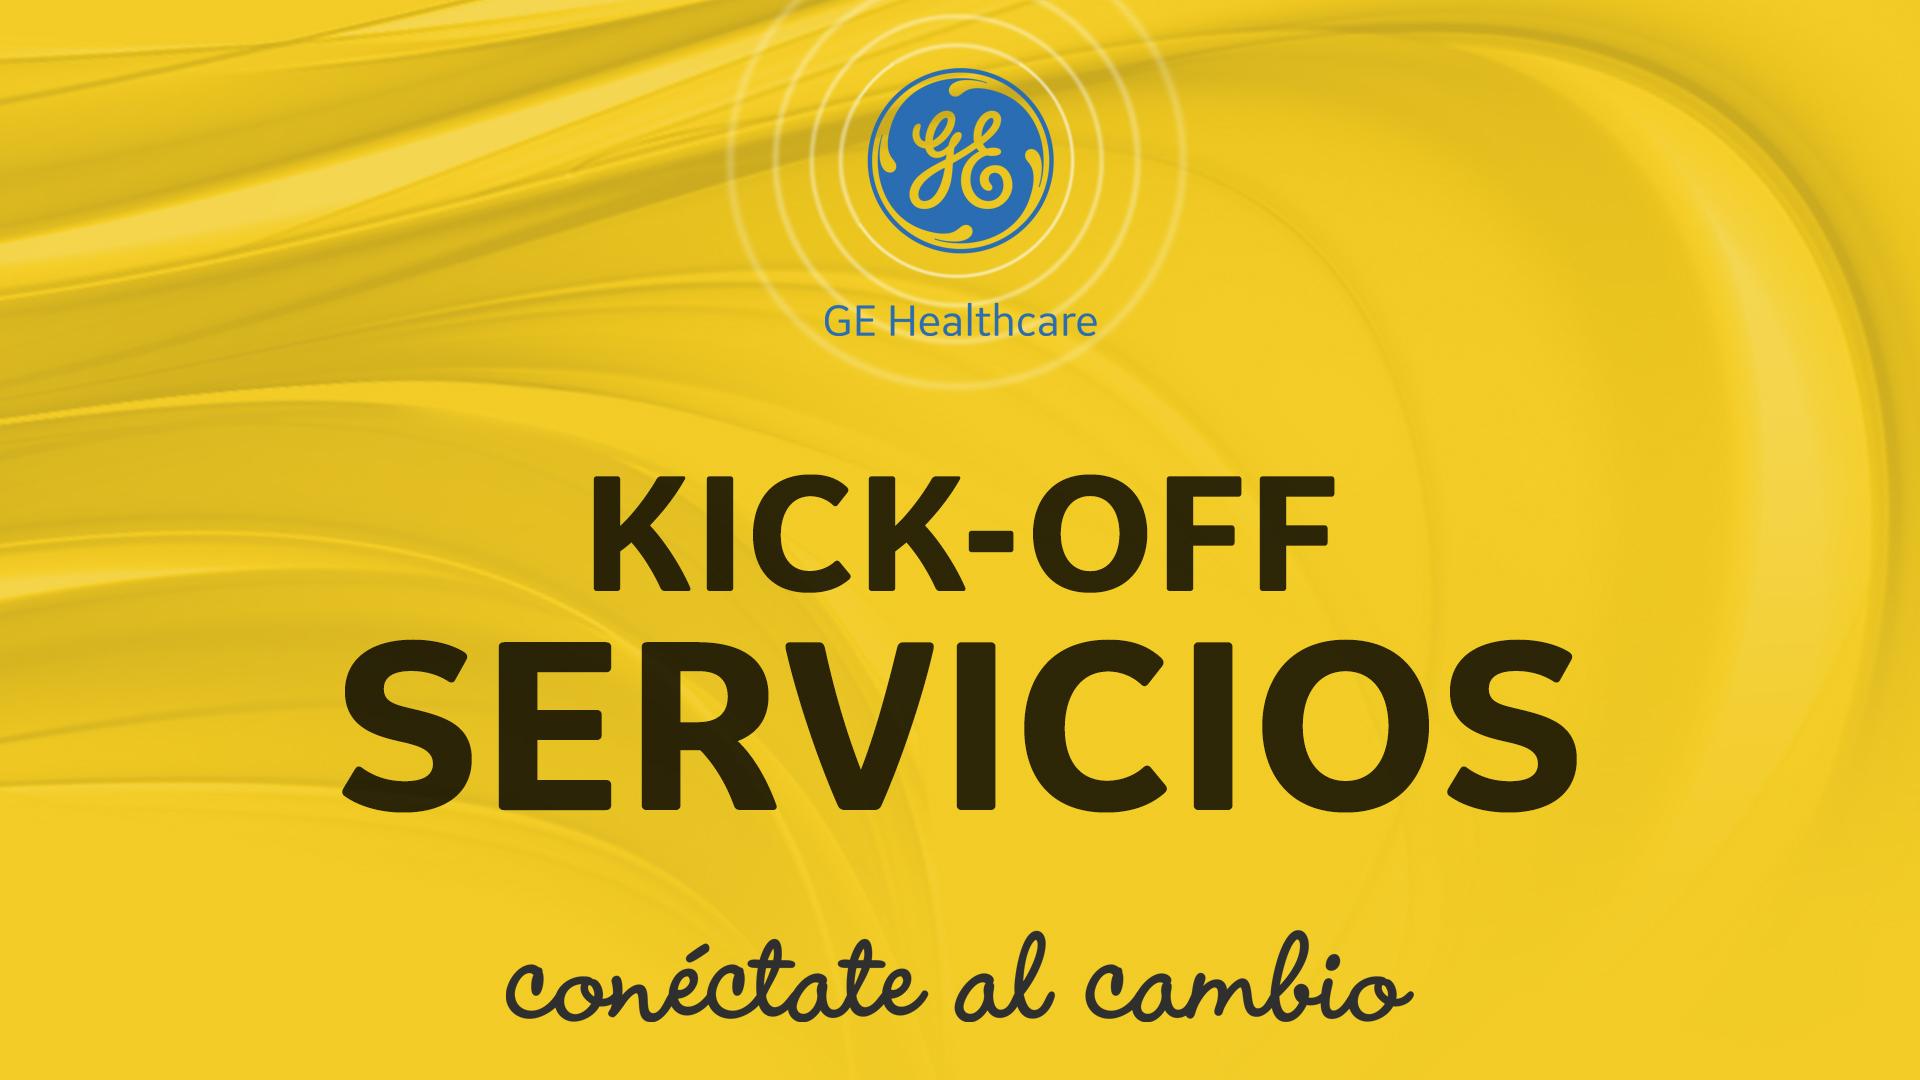 KickOff Servicios General Electric Healthcare 2018